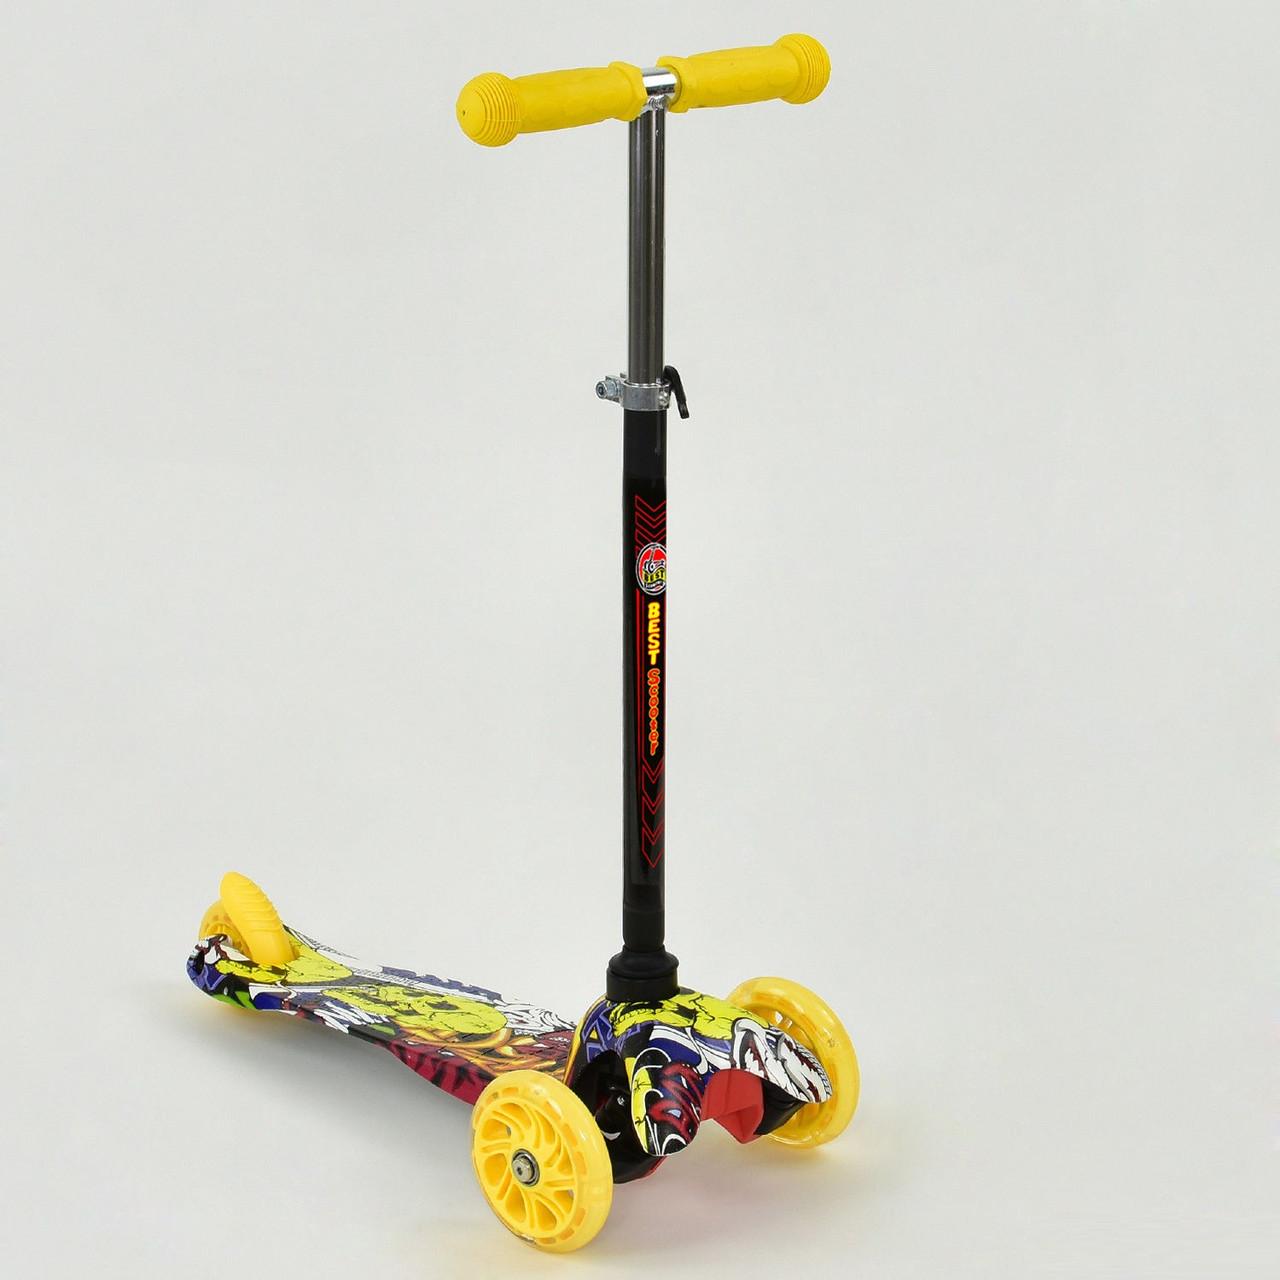 Самокат MINI Best Scooter 779-1294, cветящиеся PU колеса